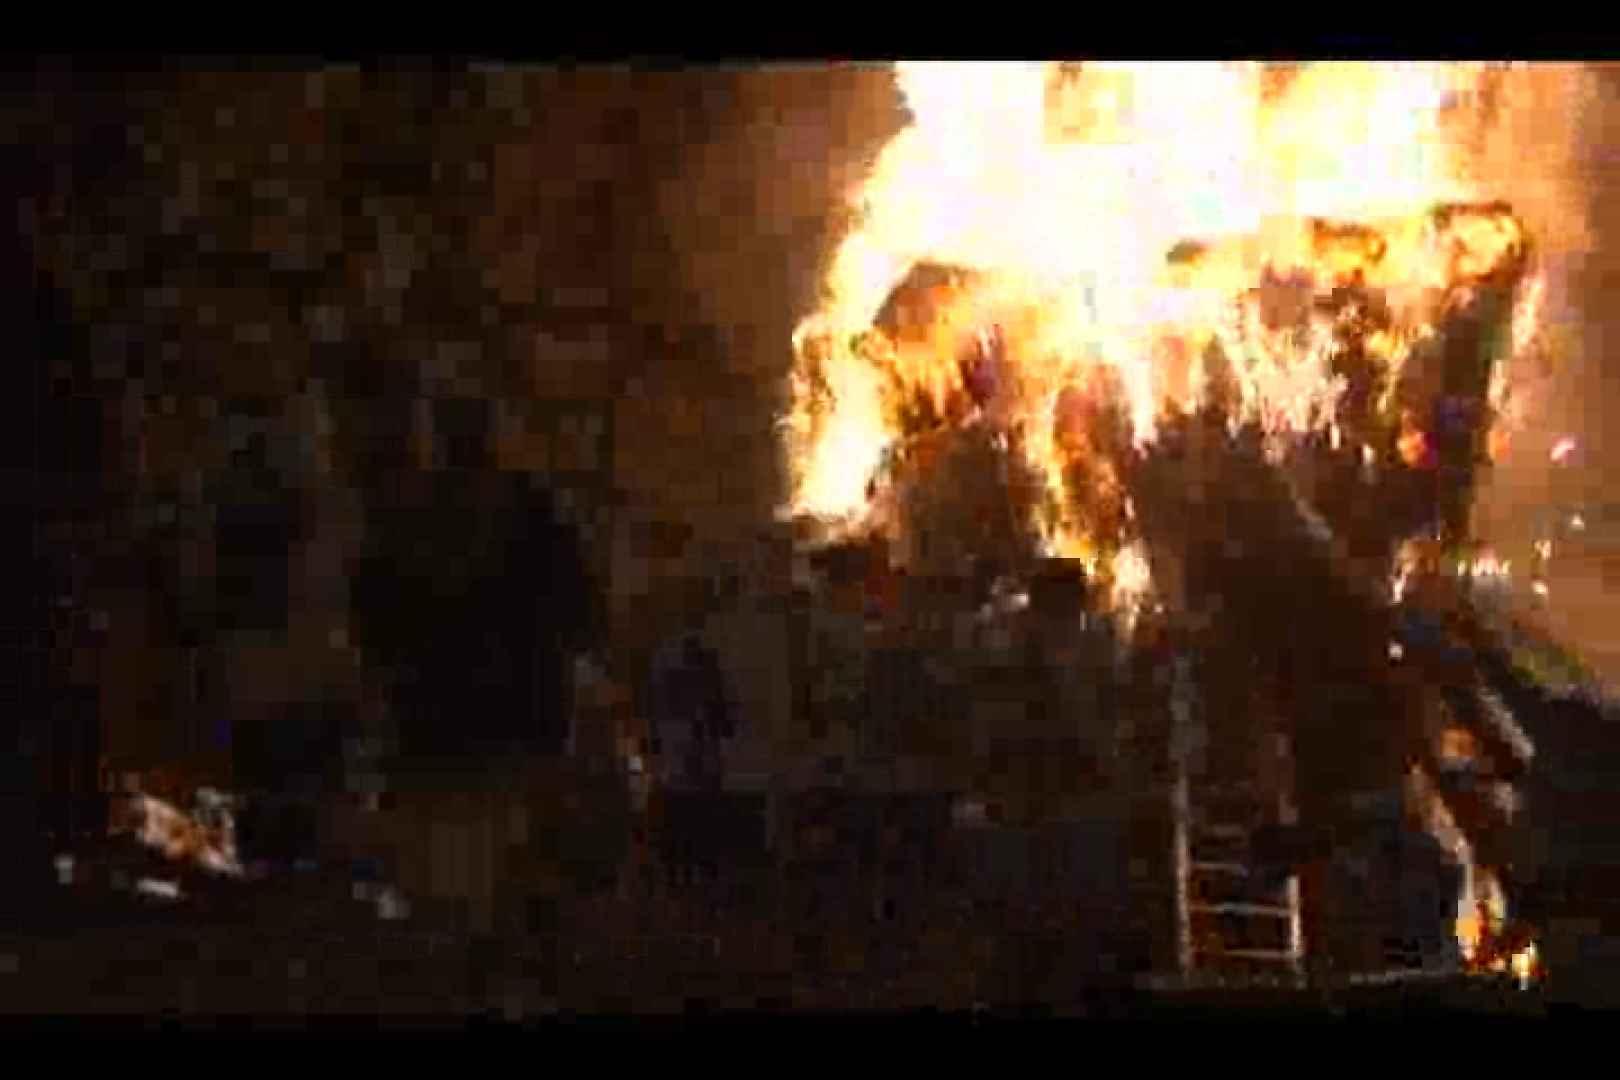 鳥羽の火祭り 3000K!高画質バージョンVOL.03 ドラマ ゲイ無料エロ画像 82連発 49